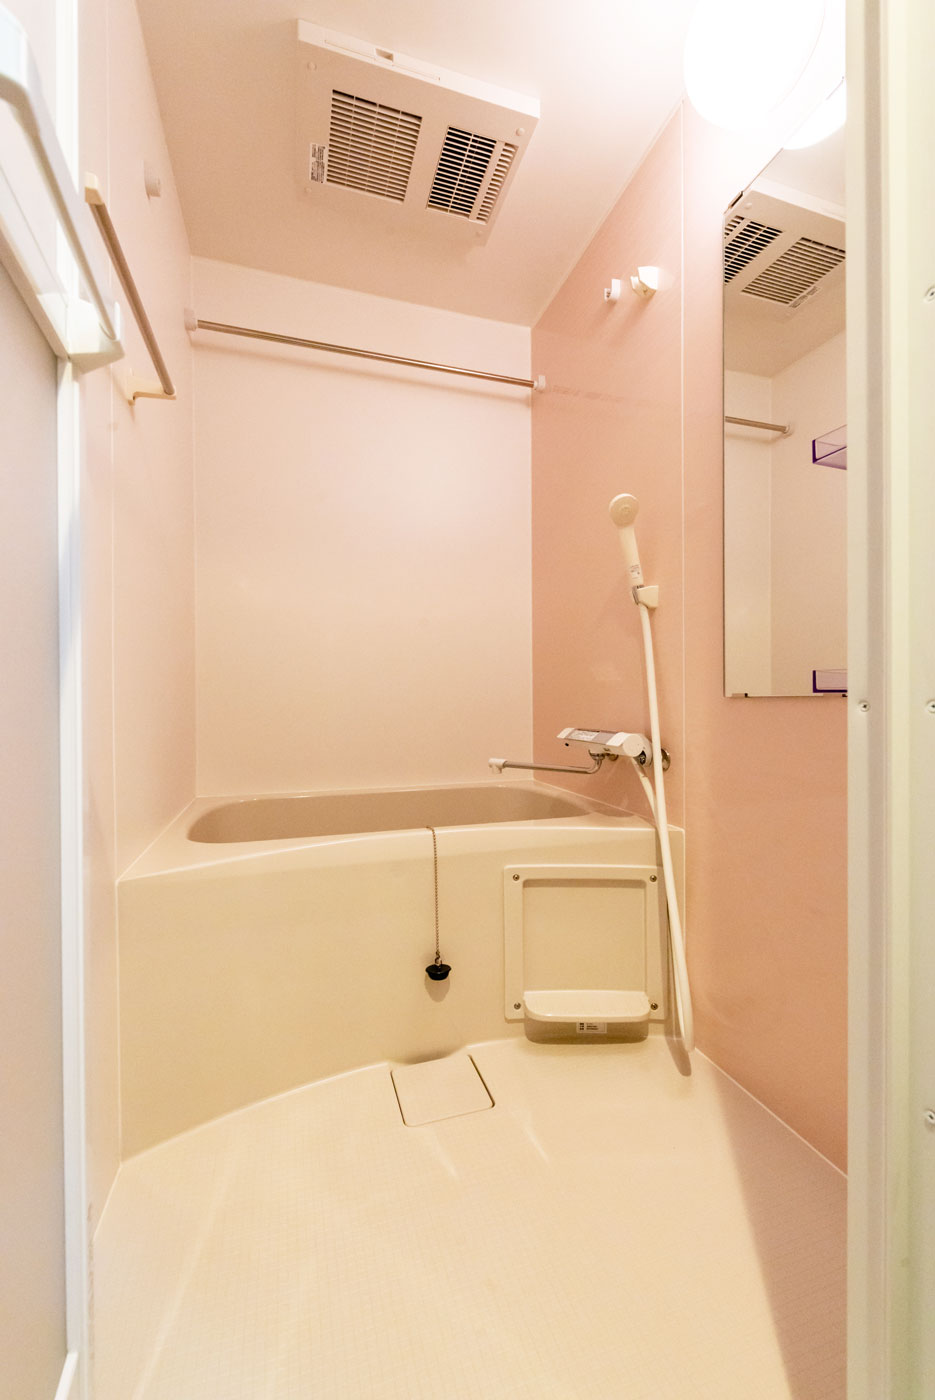 201-9 浴室(2階4階Aタイプ共通)